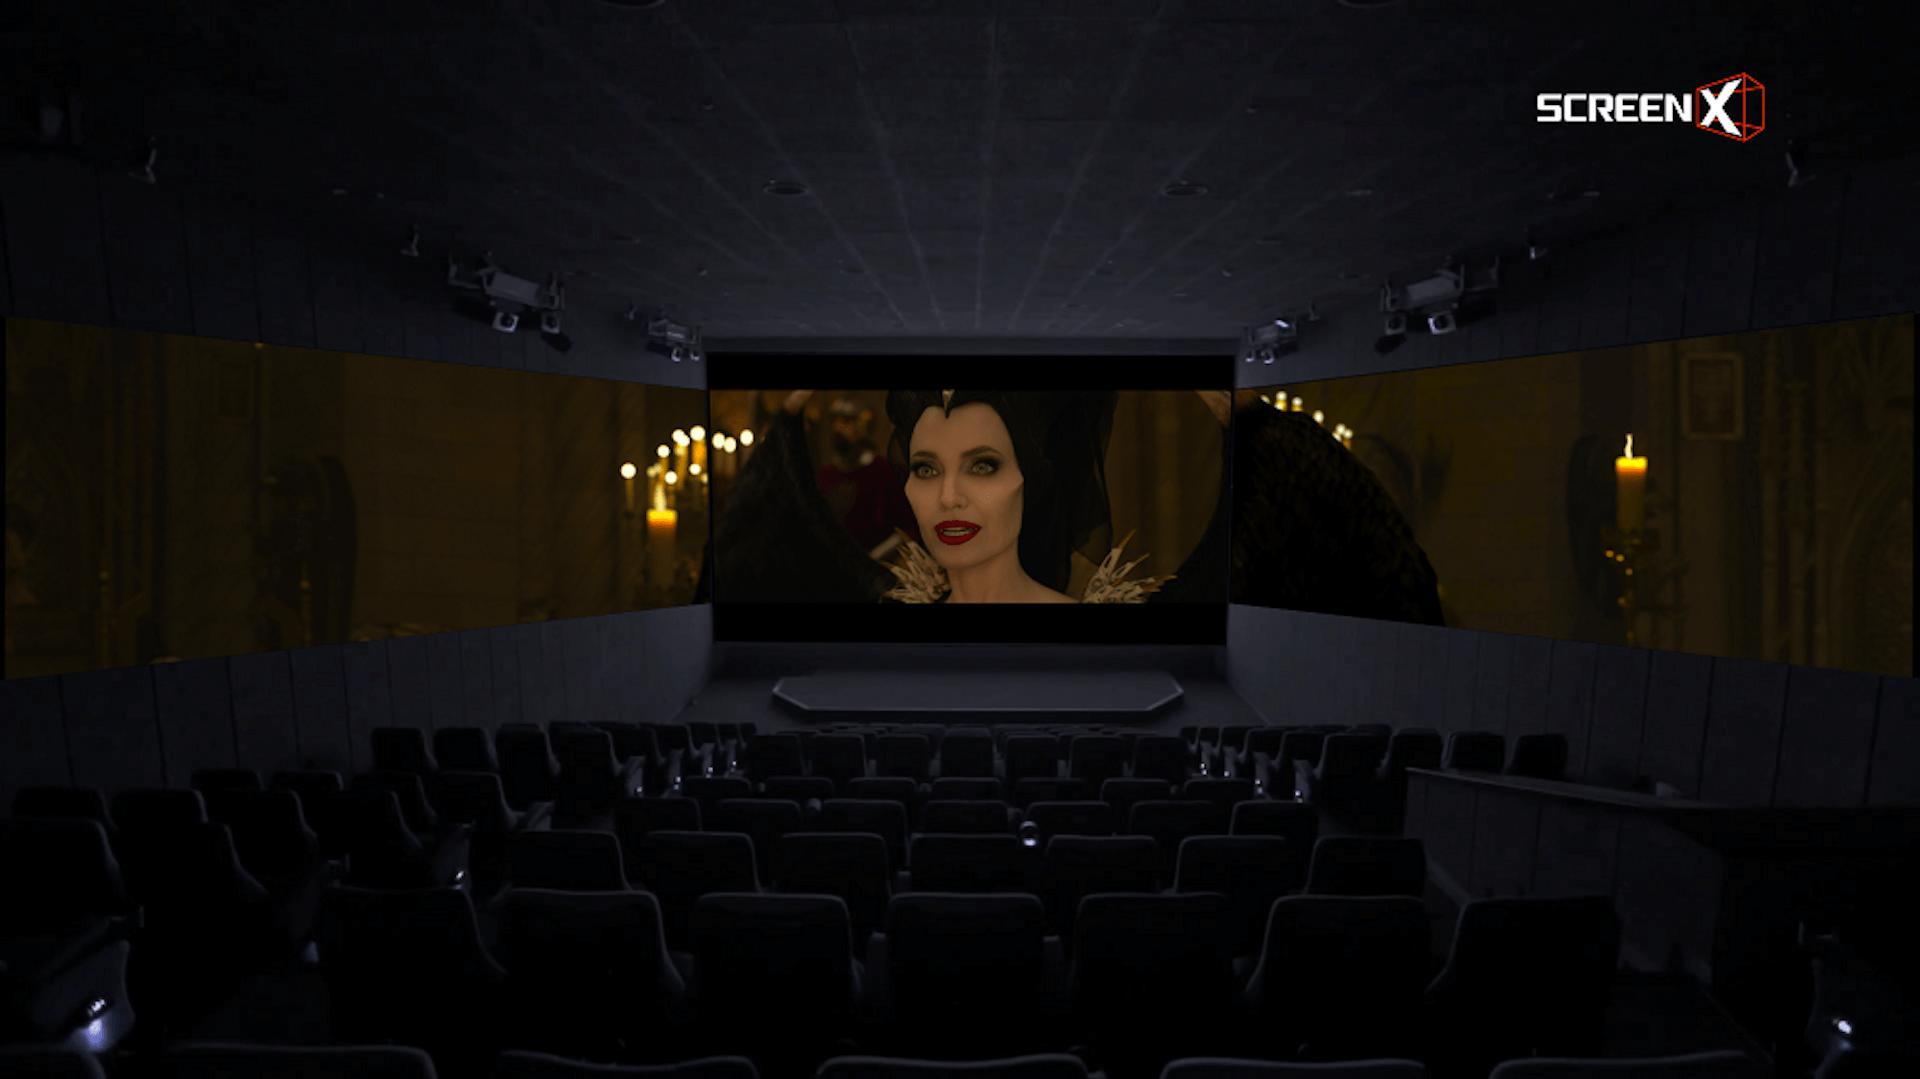 """新次元の上映システム""""ScreenX""""で、マレフィセントと大空へ!『マレフィセント2』公開に先駆け、ScreenX版・特別映像が到着 film191015_-Maleficent2_05"""